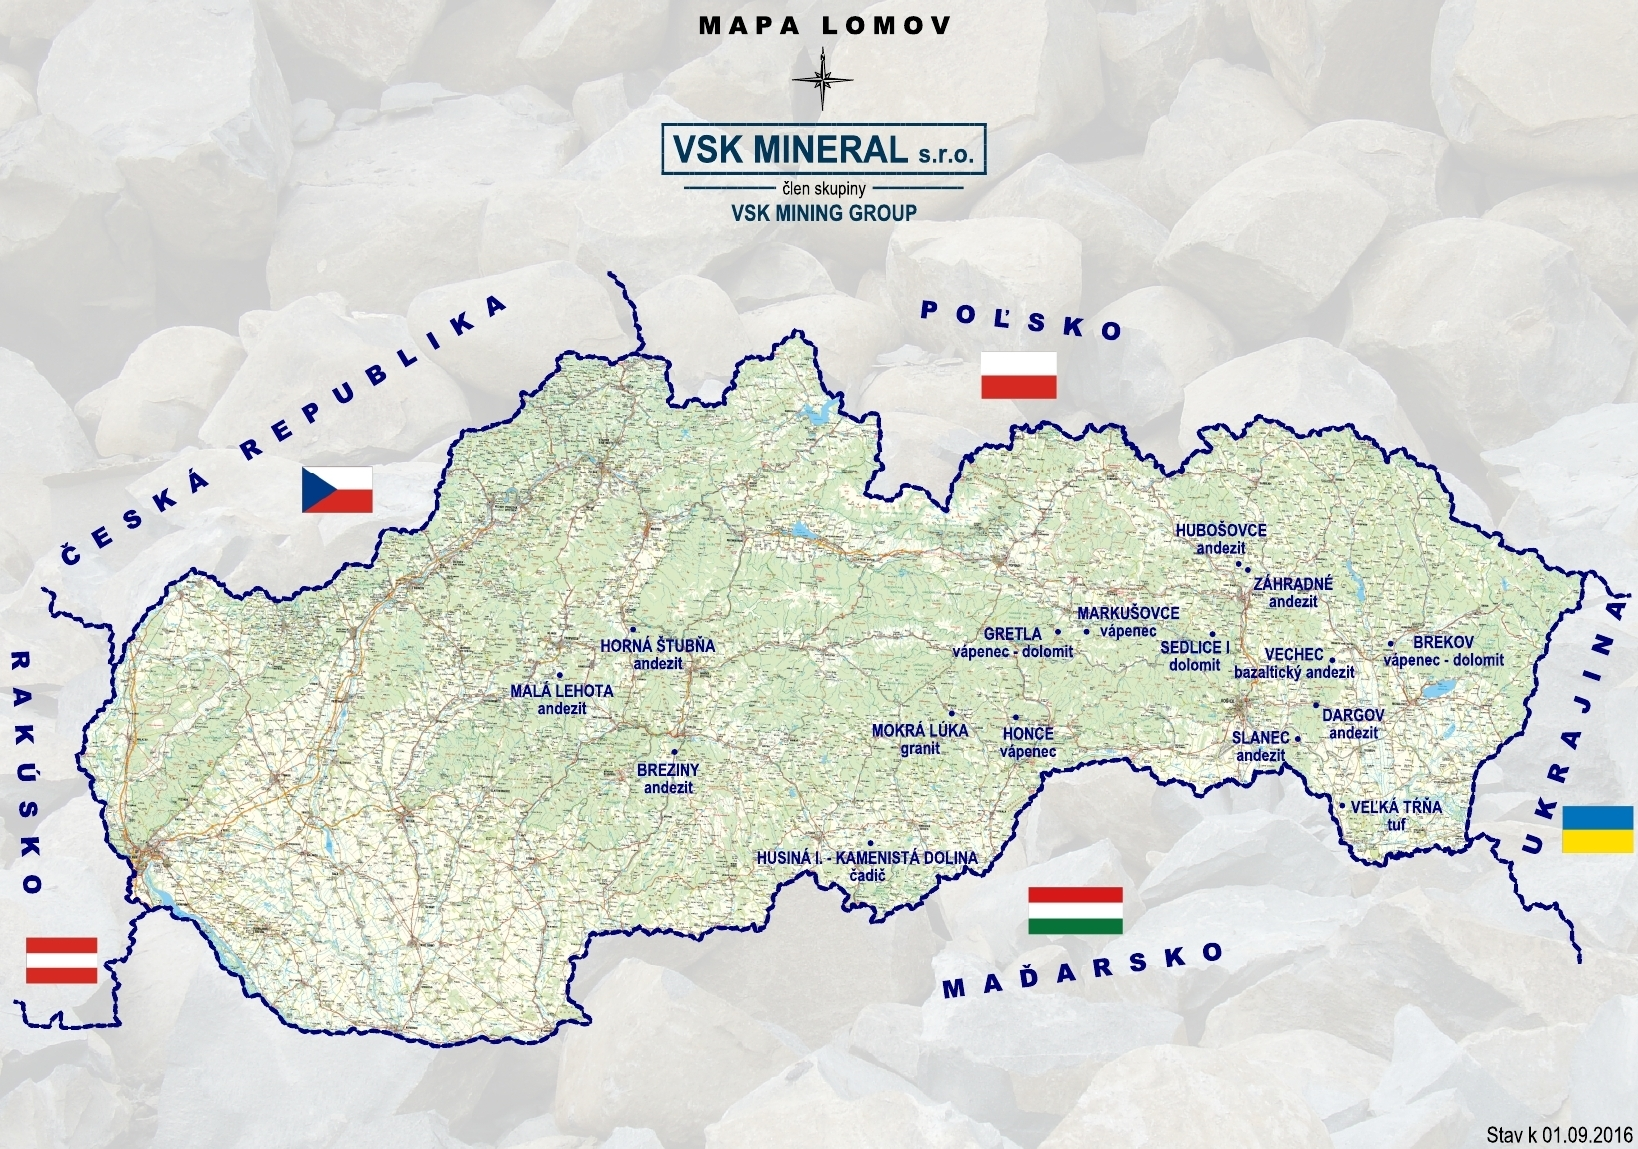 Mapa lomov VSK MINERAL s.r.o.